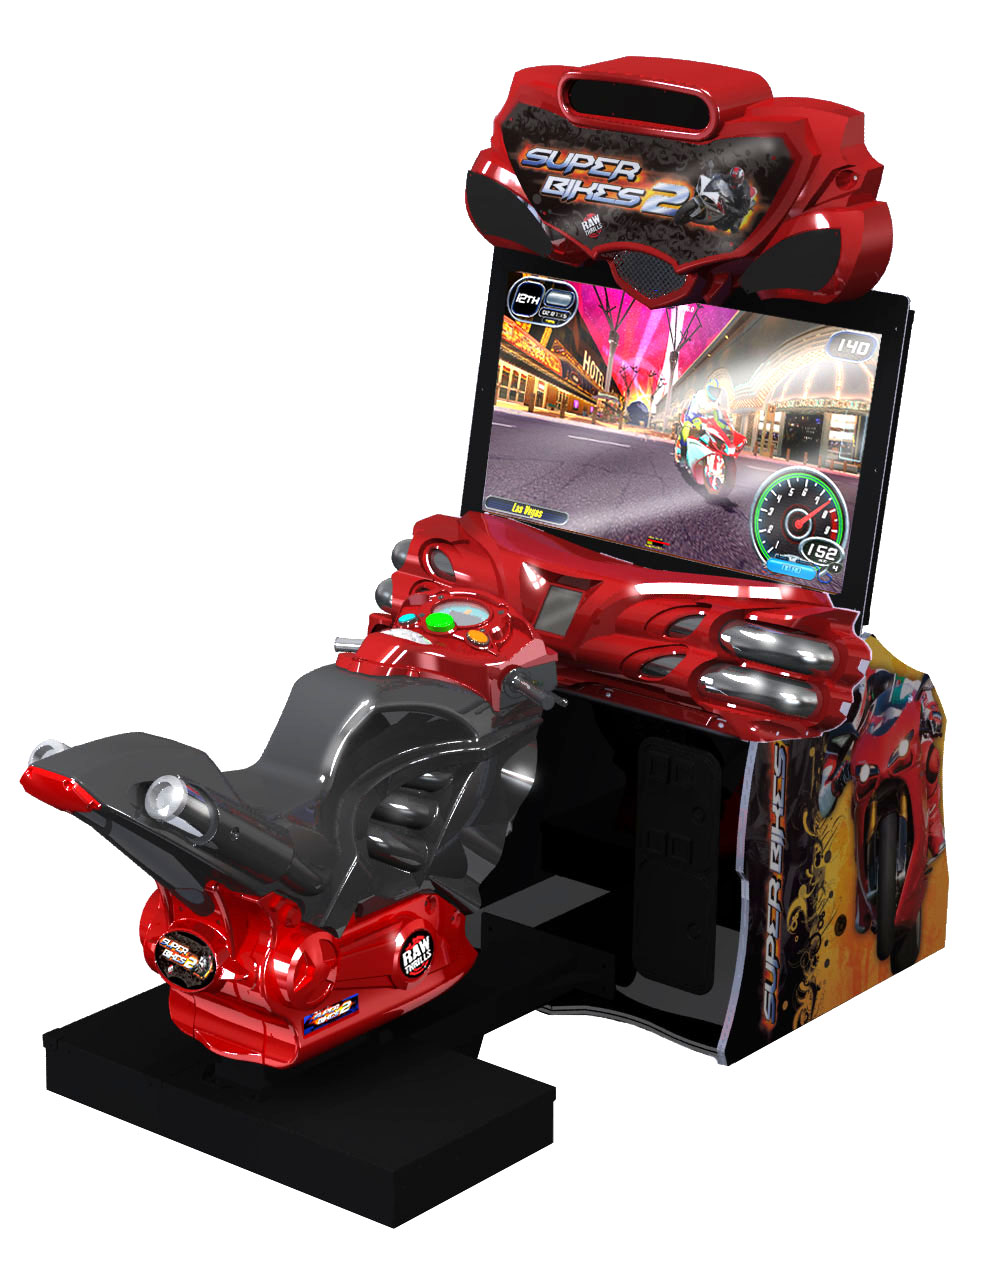 Terminator Salvation 32 Quot Cabinet Arcade Heroes